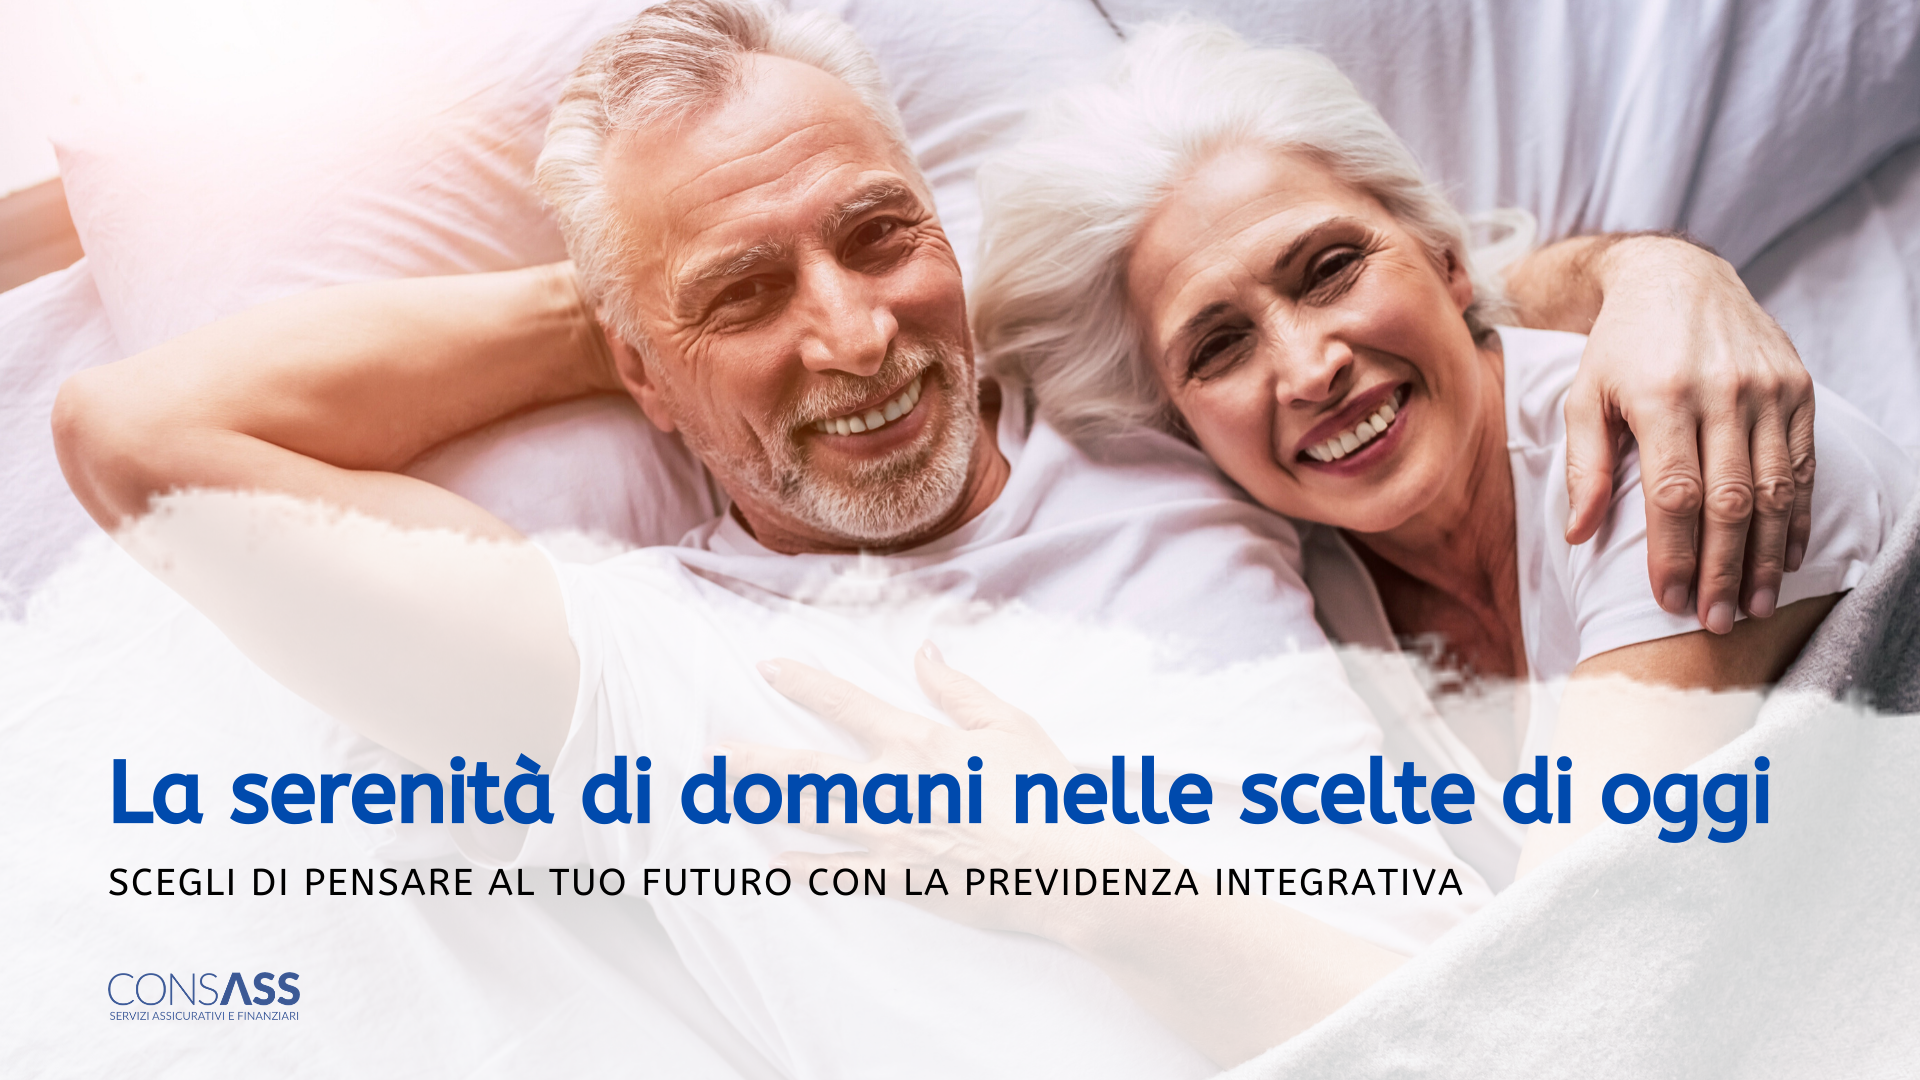 fondo-pensione-previdenza-integrativa